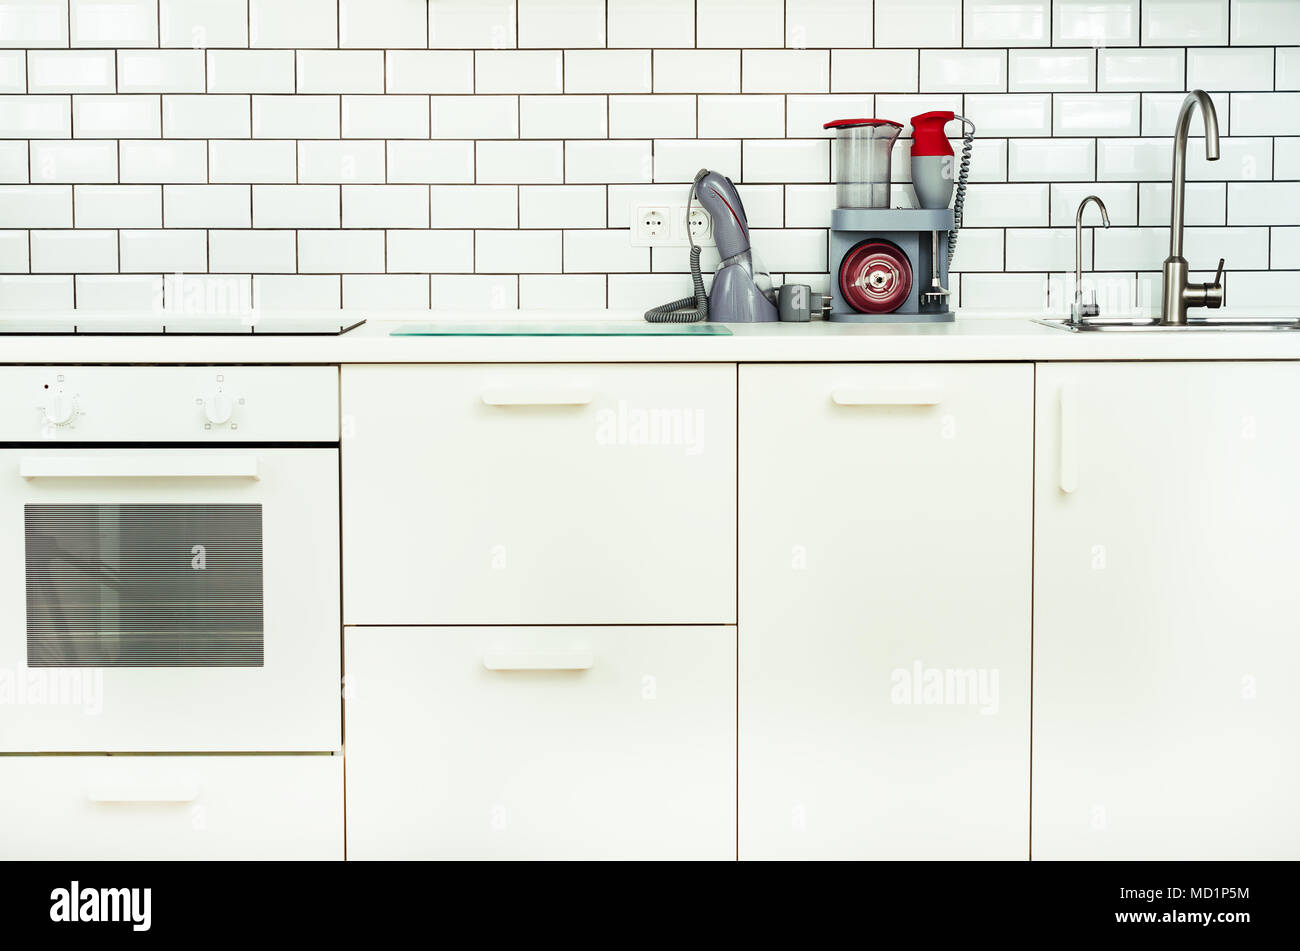 Schön Aufkantung Für Küchenherd Galerie - Ideen Für Die Küche ...